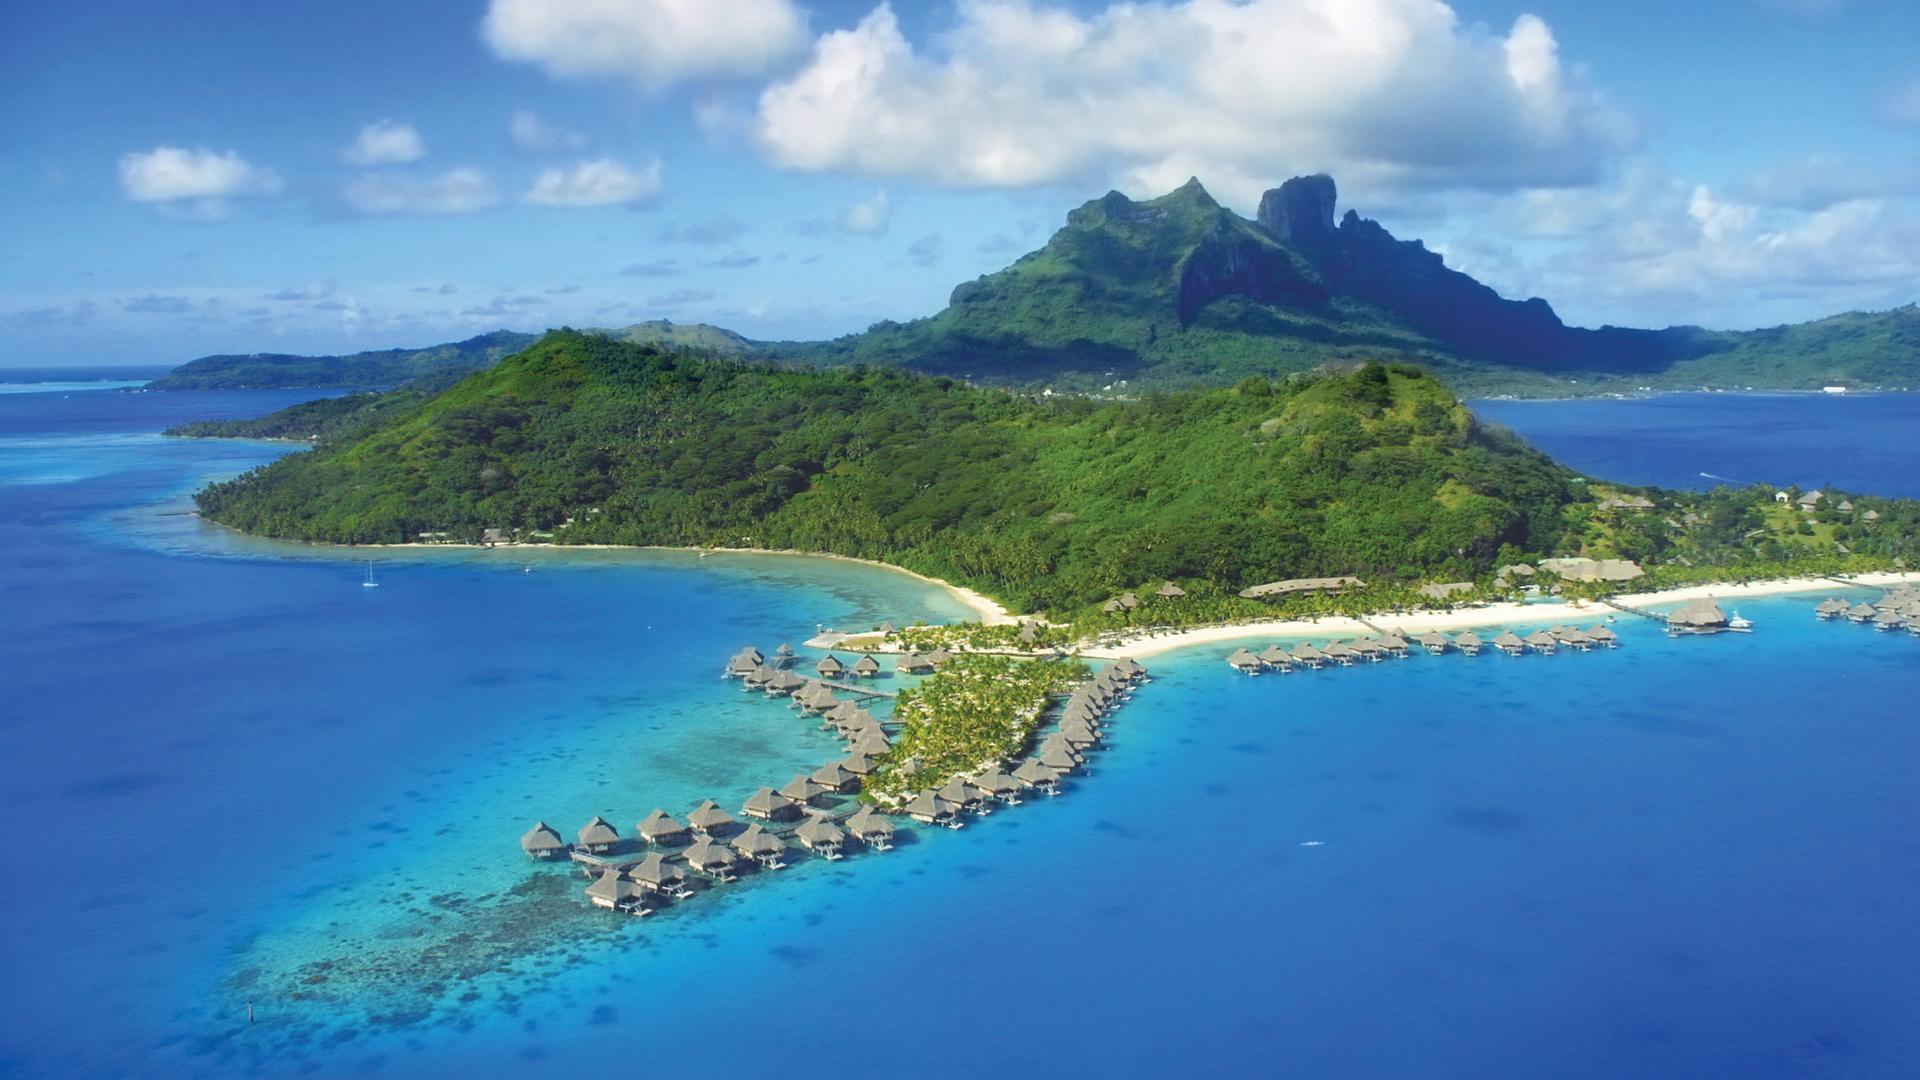 Lagoon of Bora Bora, French Polynesia